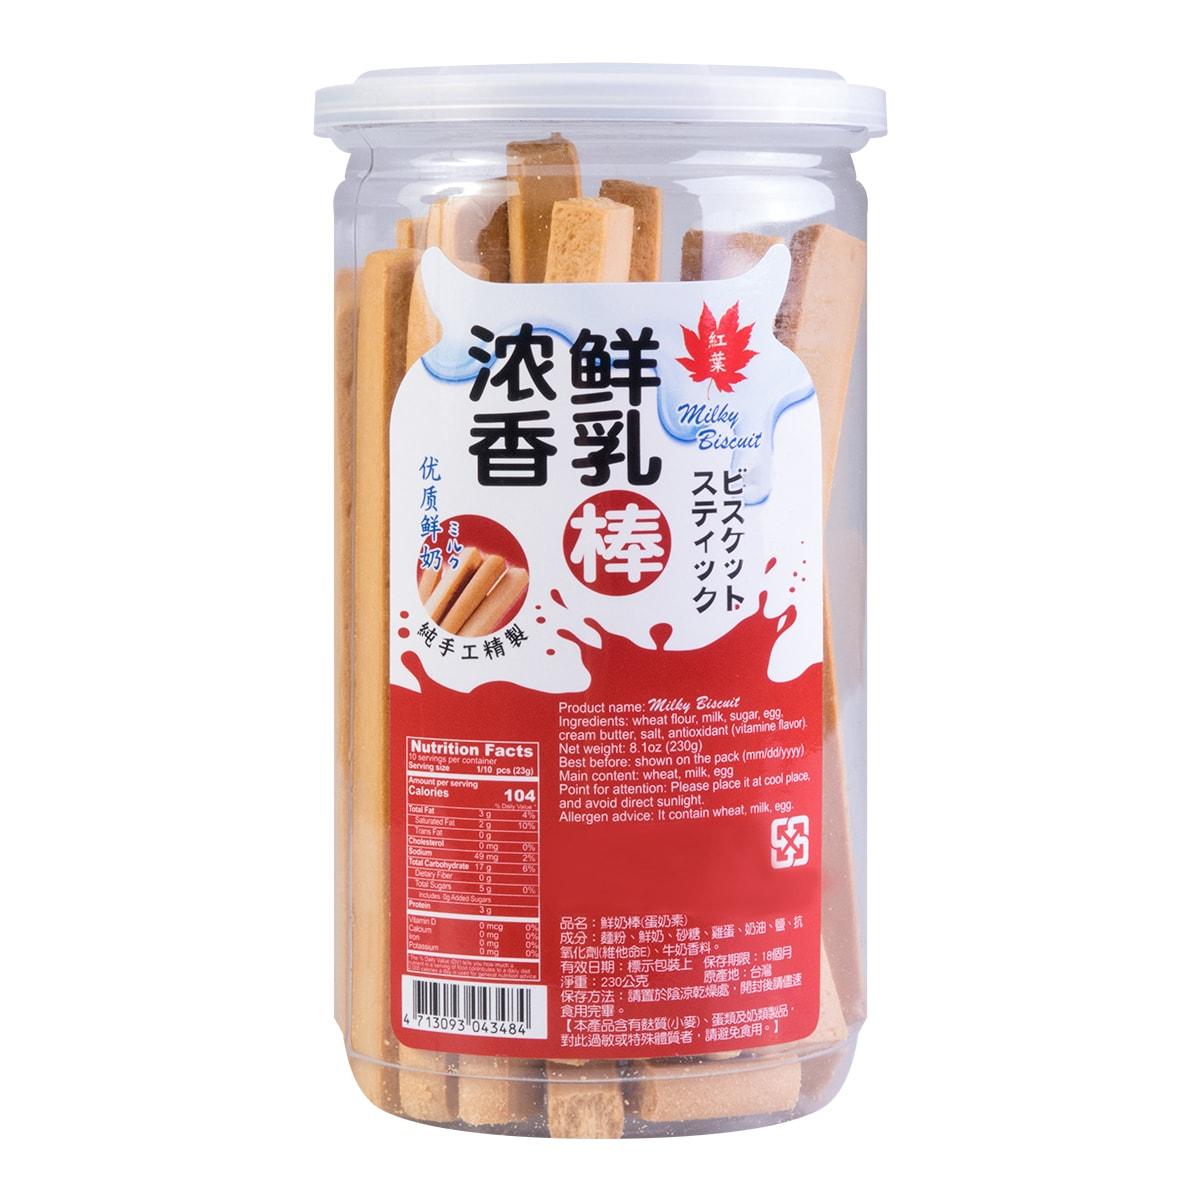 HONGYE Milky Crispy Sticks 230g